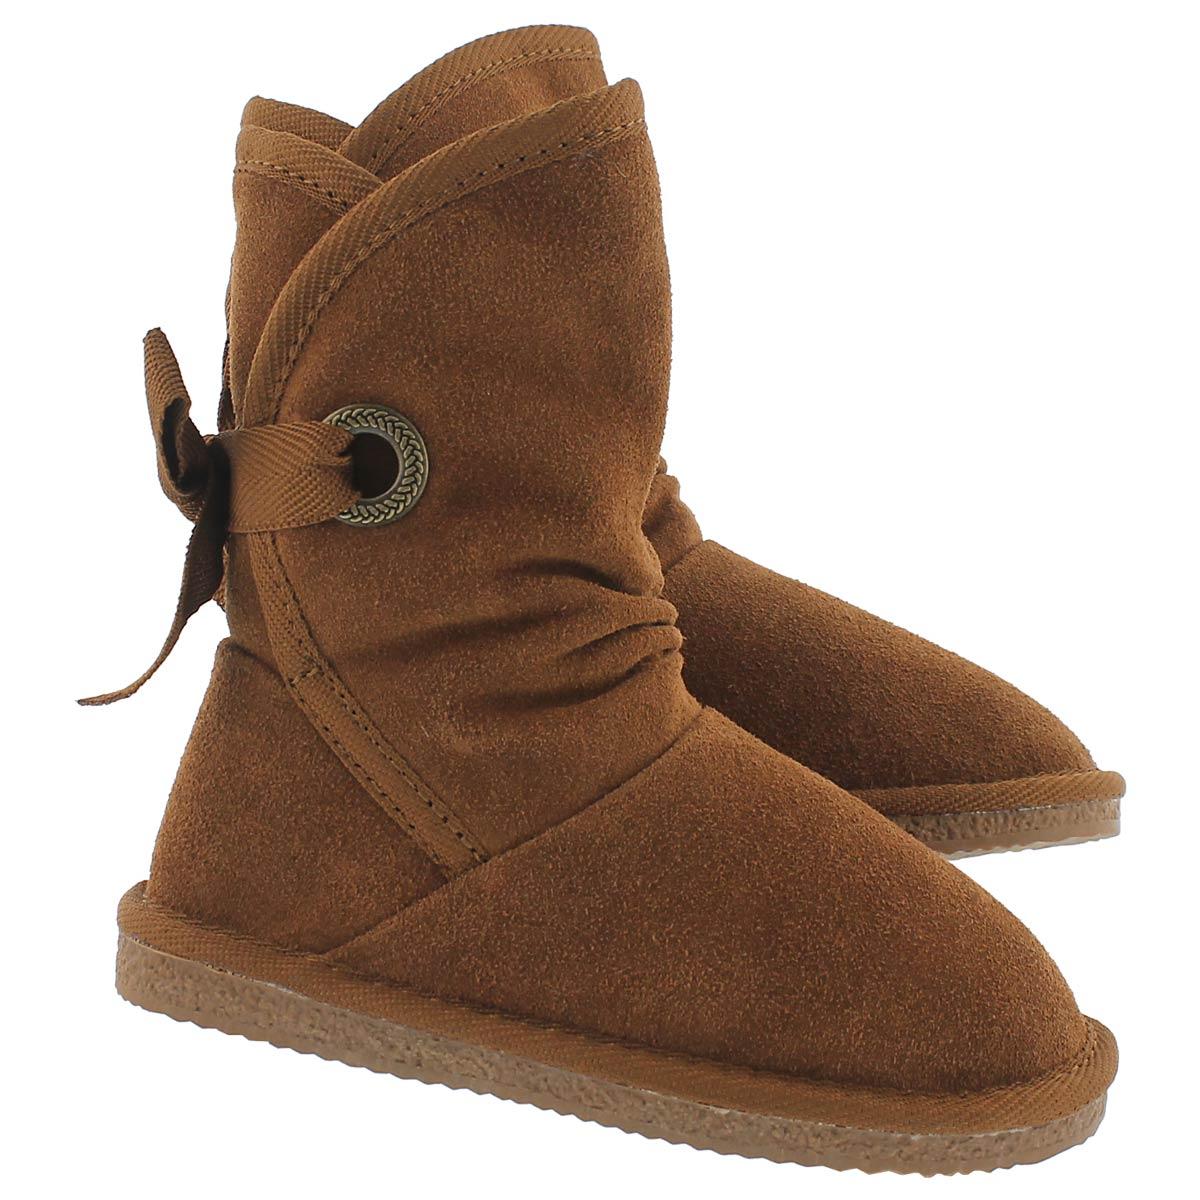 Grls Ribbon Jr chesnut casual boot